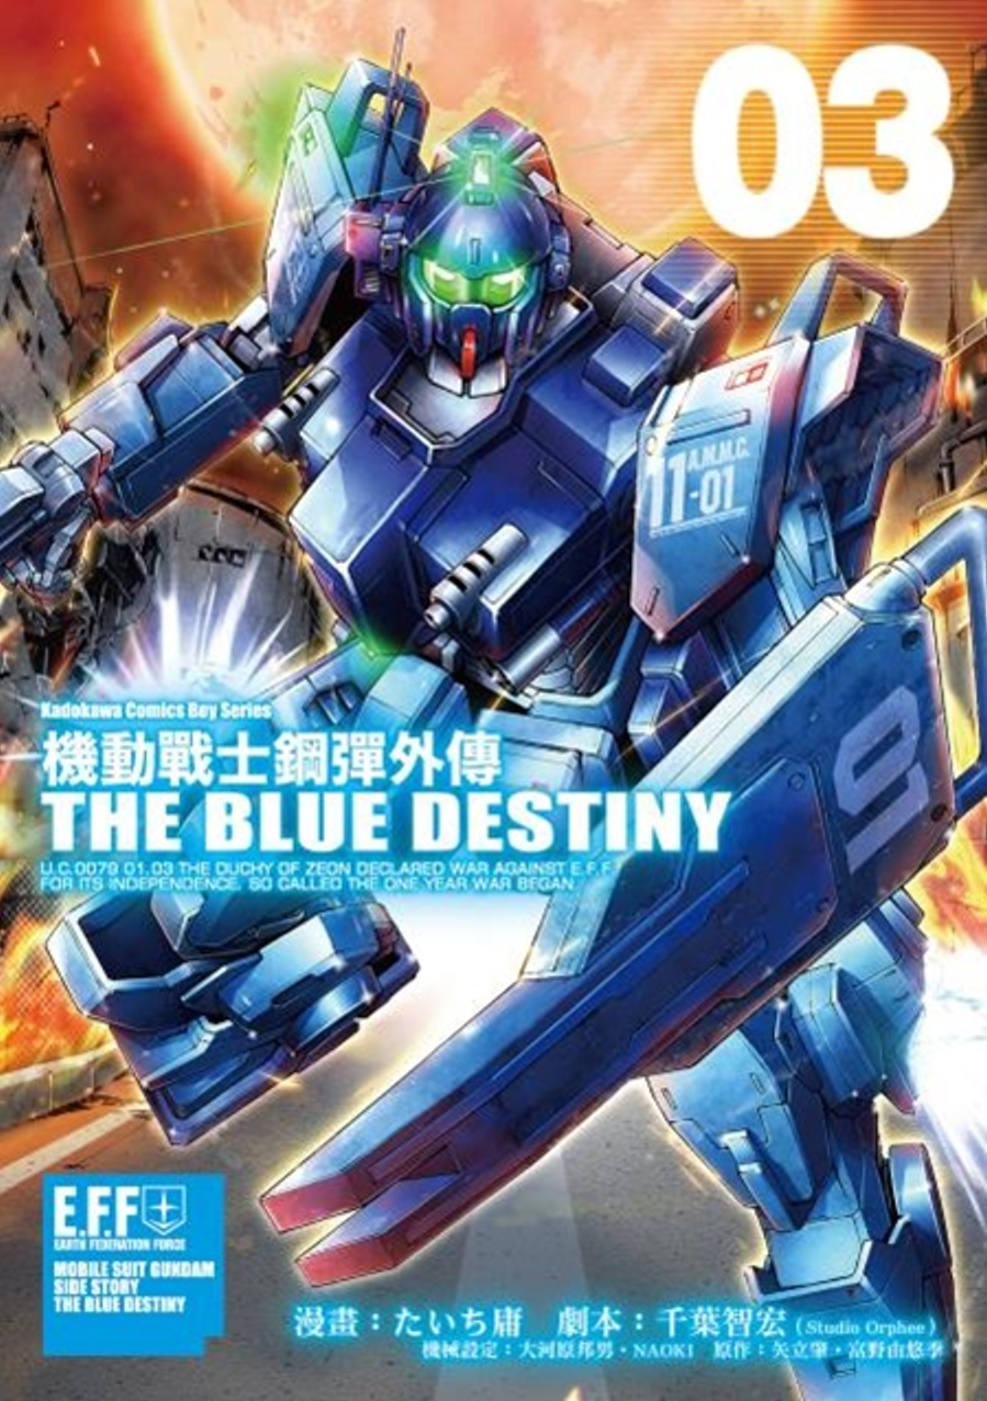 機動戰士鋼彈外傳 THE BLUE DESTINY (3)